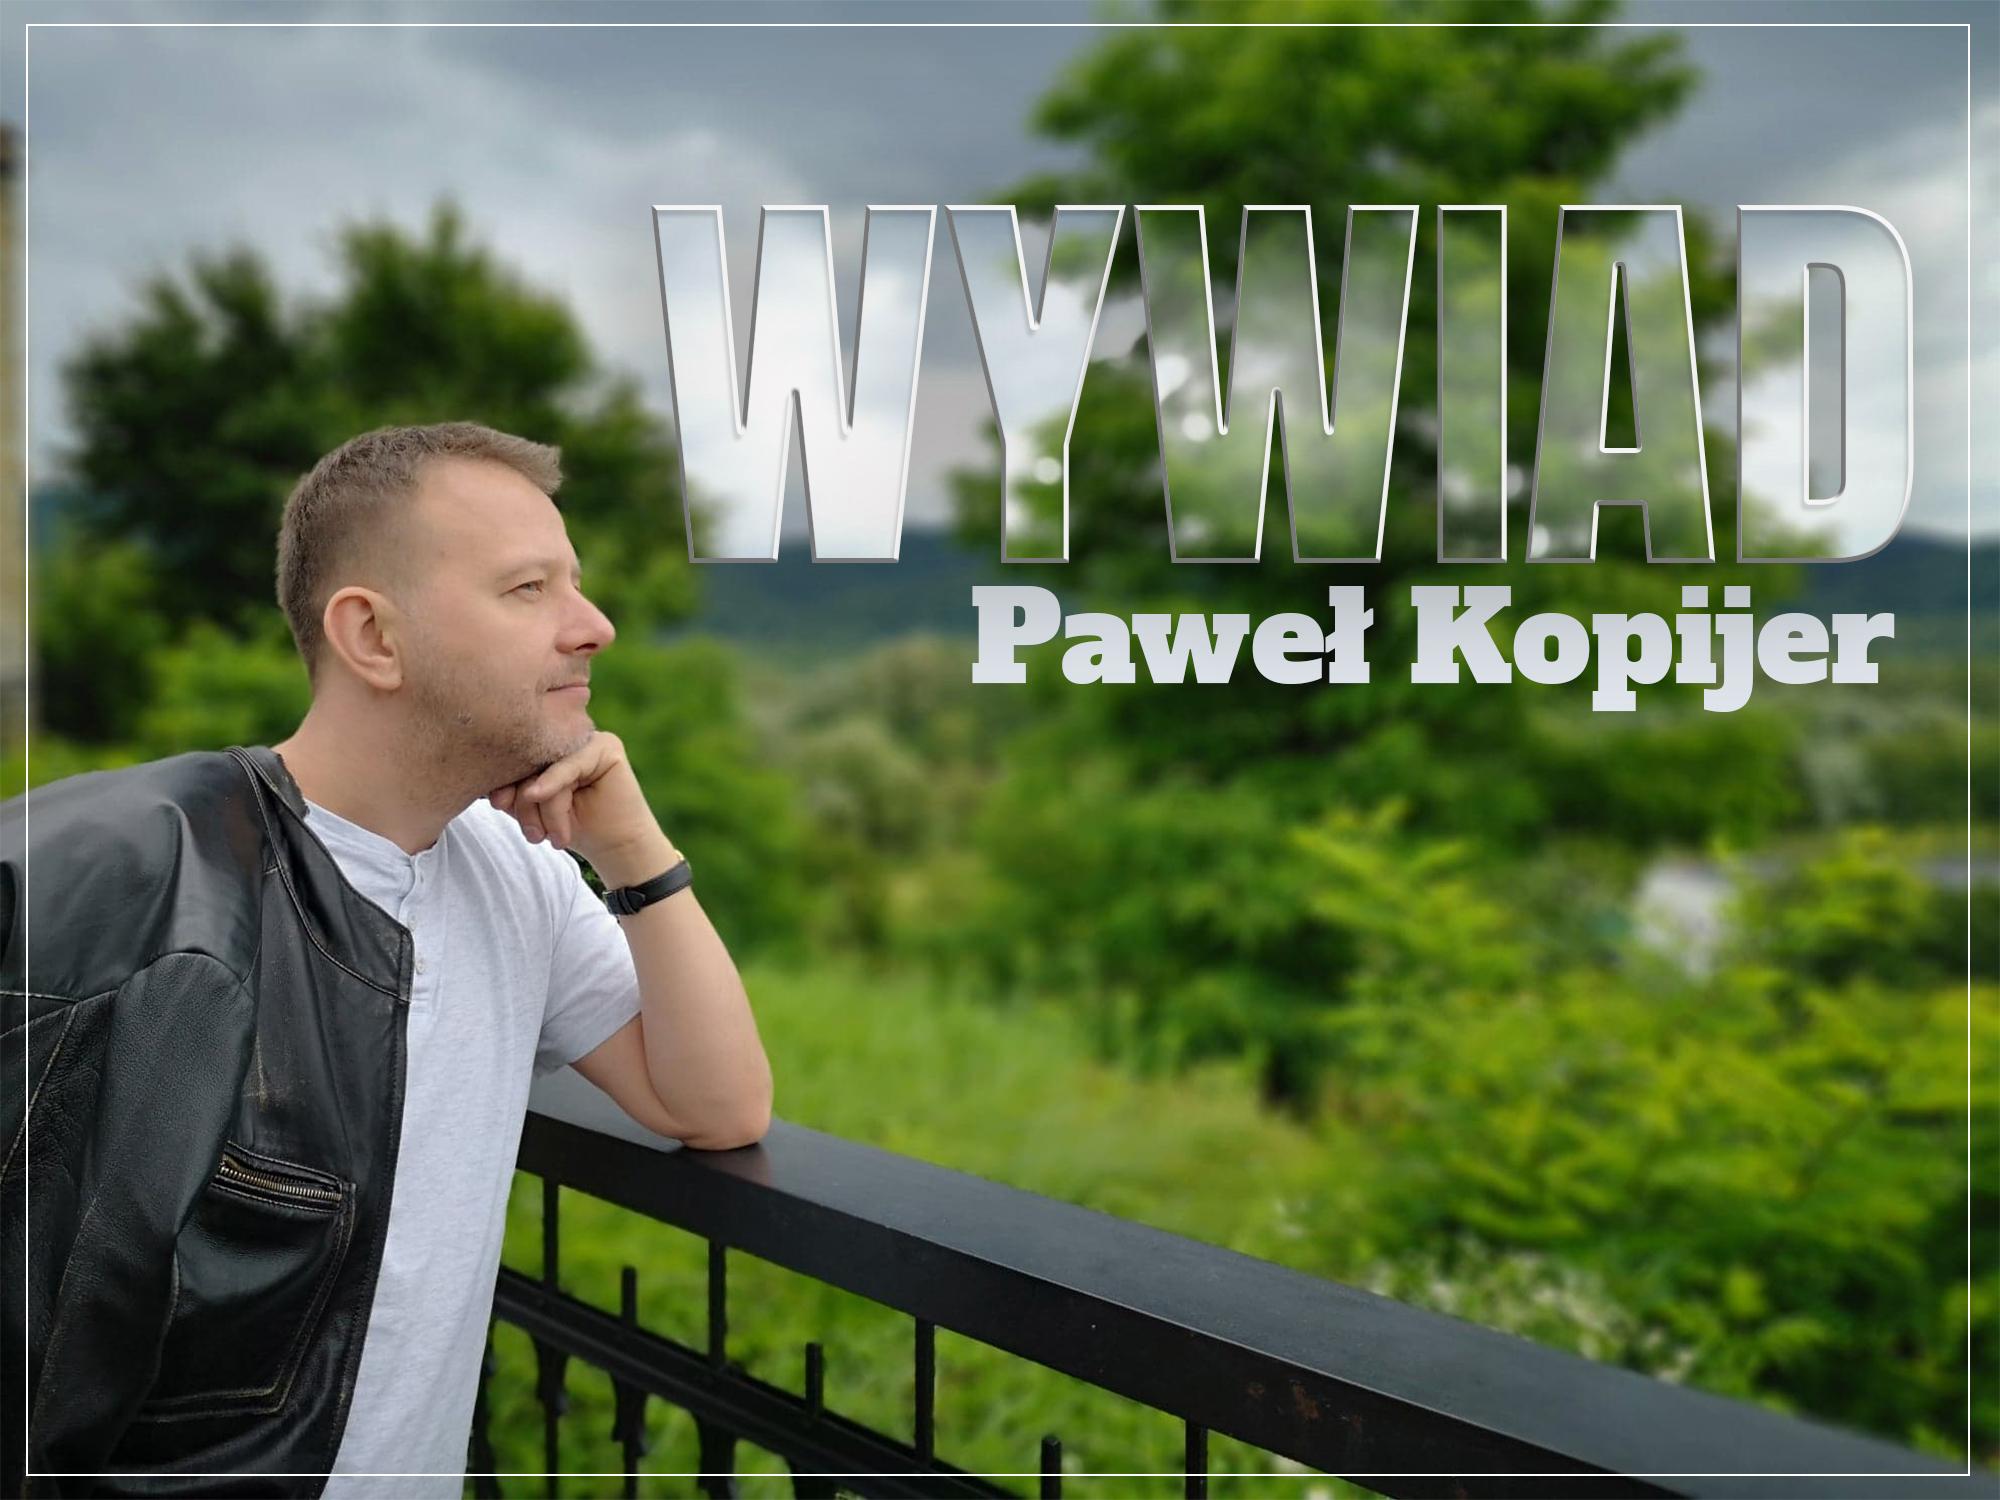 Paweł Kopijer. zaczytanyksiazkoholik.pl,